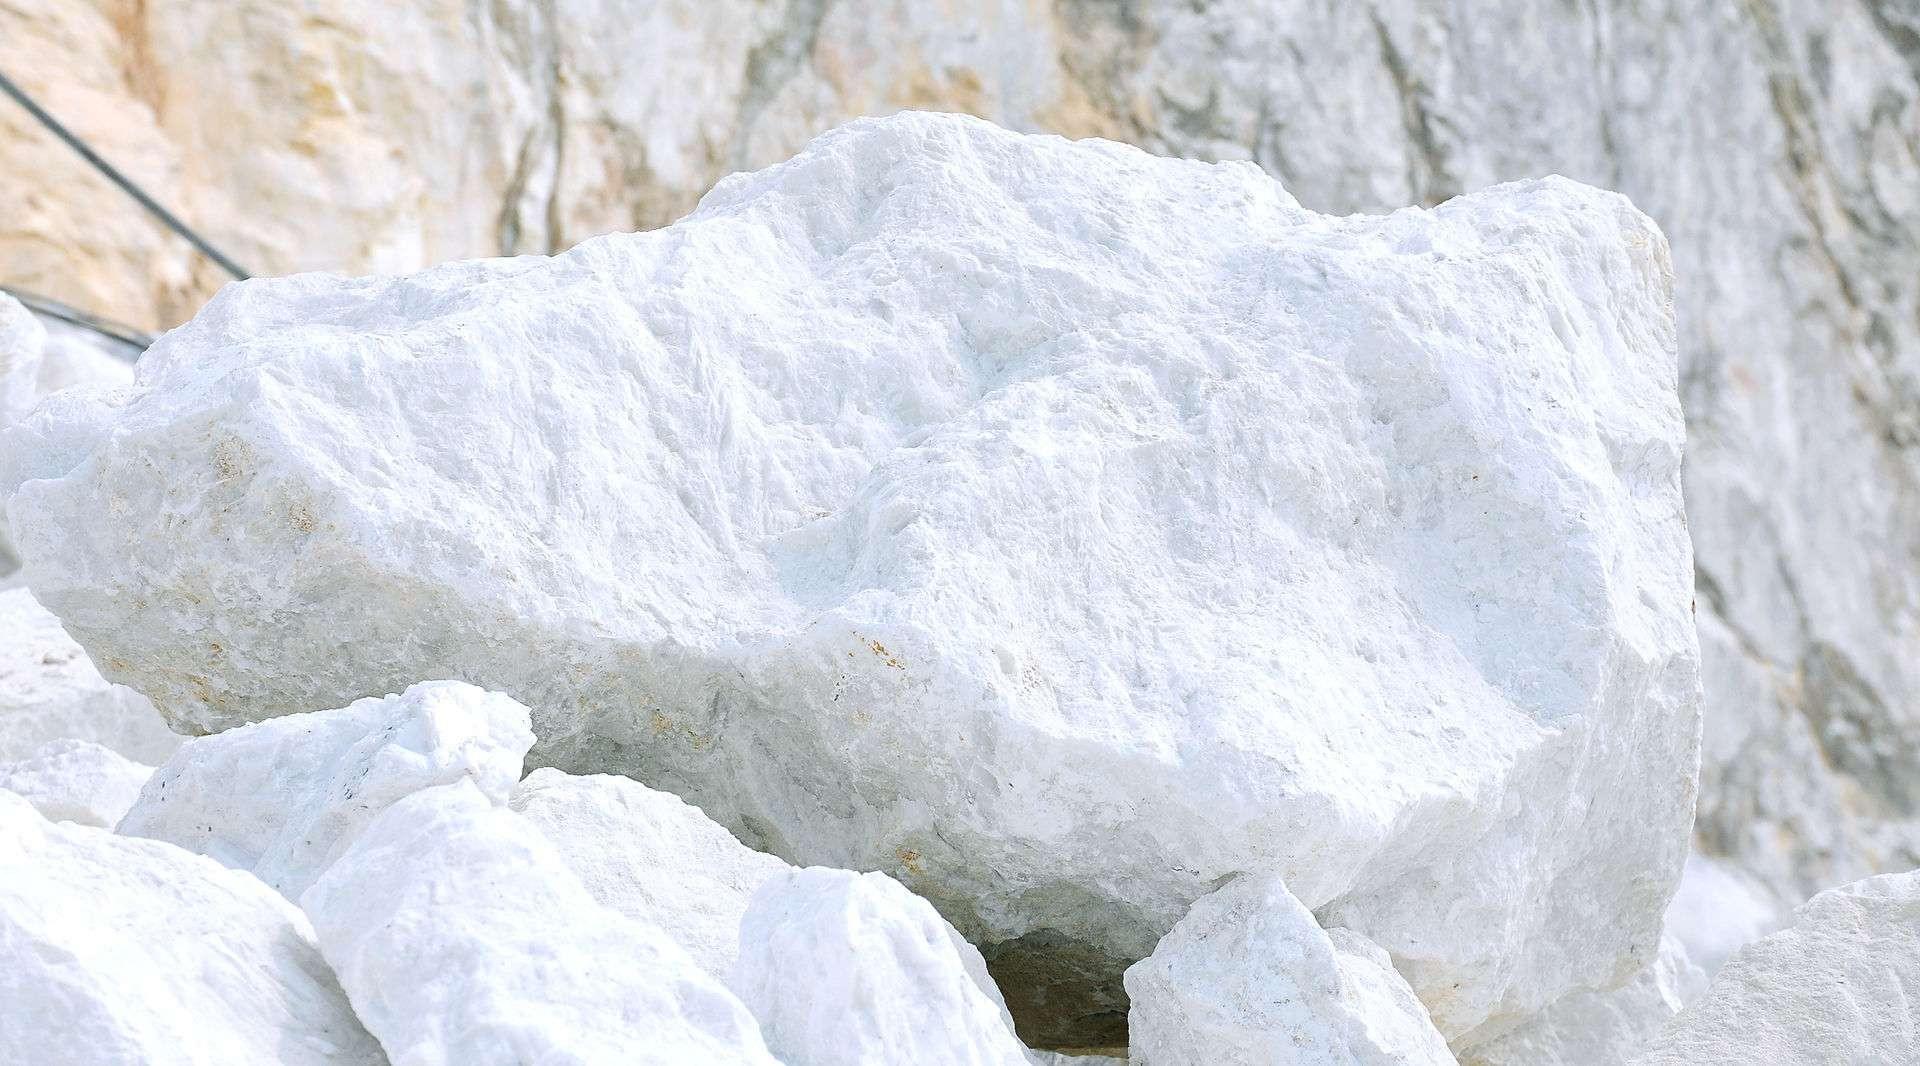 đá vôi là gì